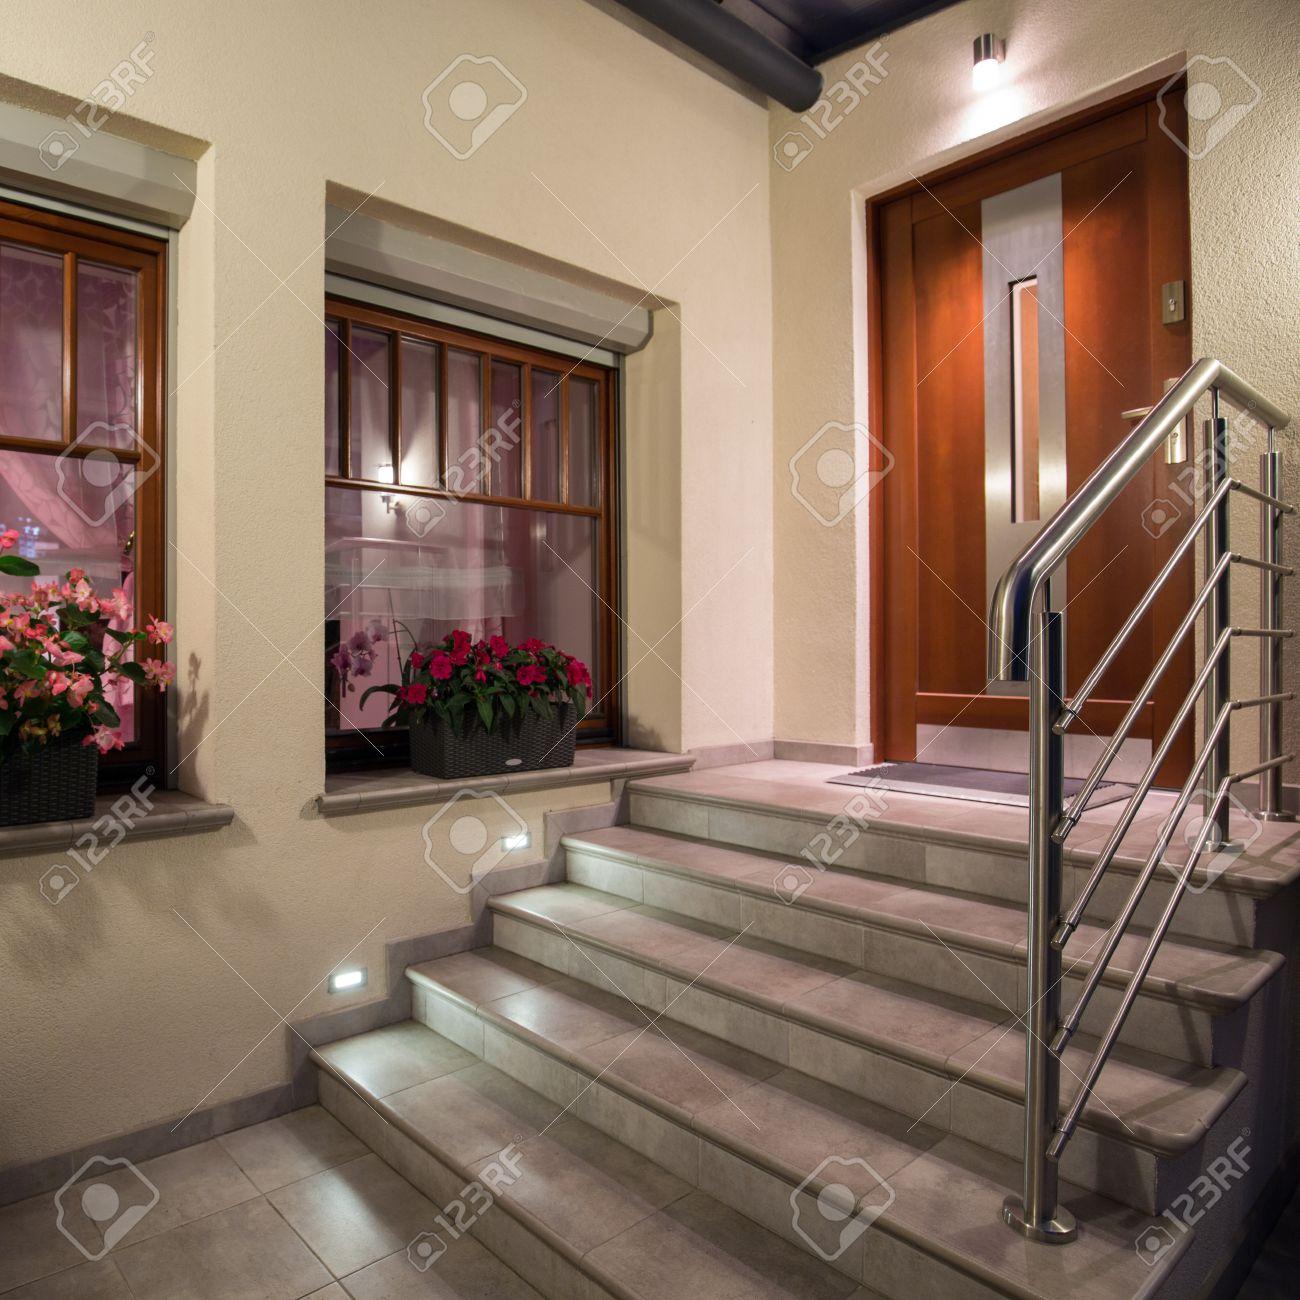 Escaleras De Casas Modernas. Latest Cunto Mide Una Escalera With ...